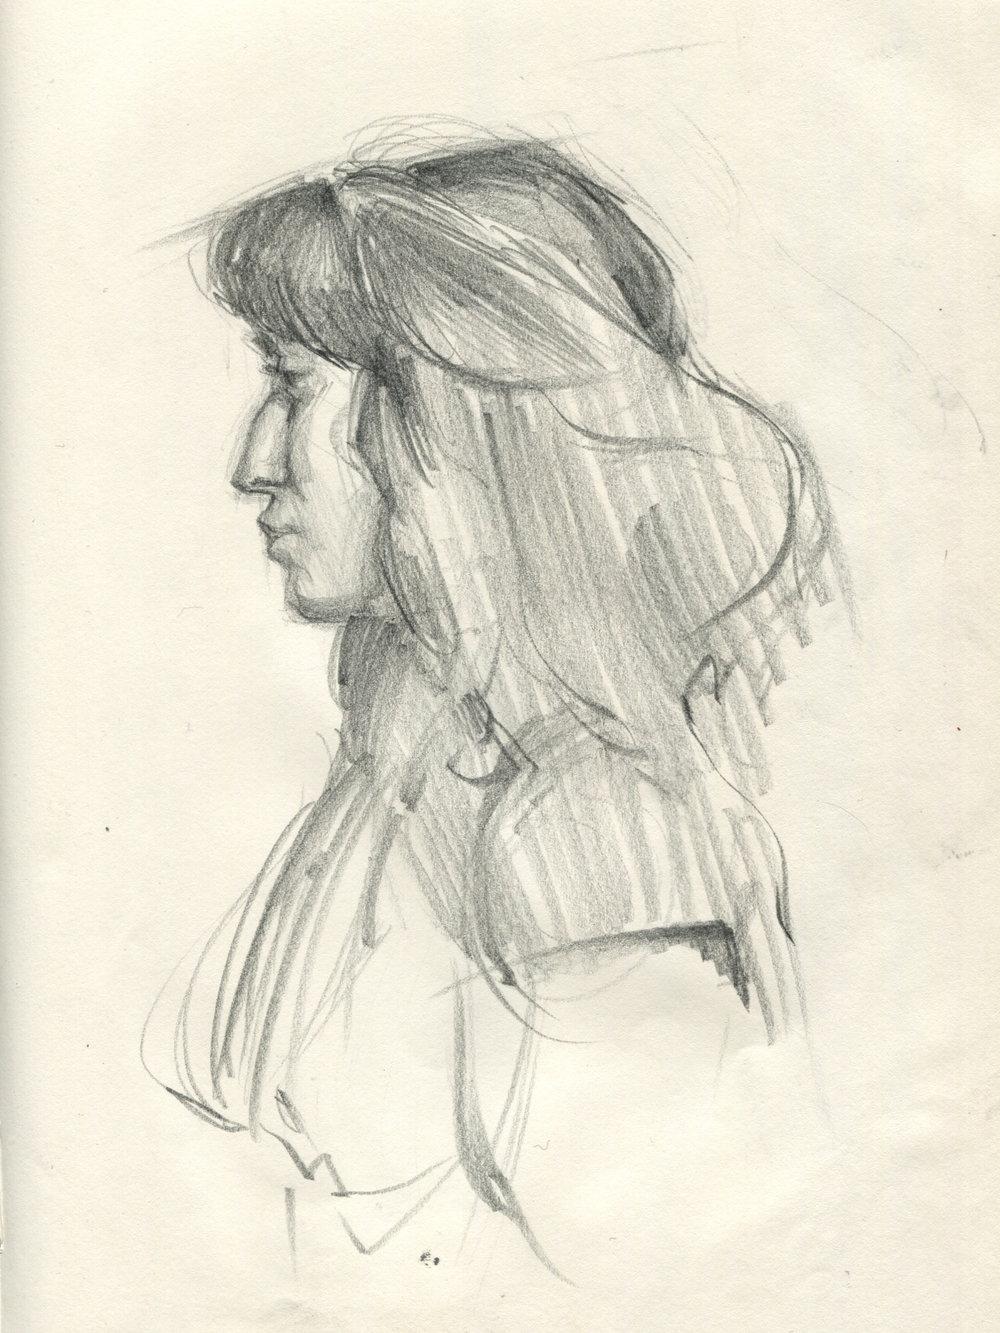 Sketch608.jpg